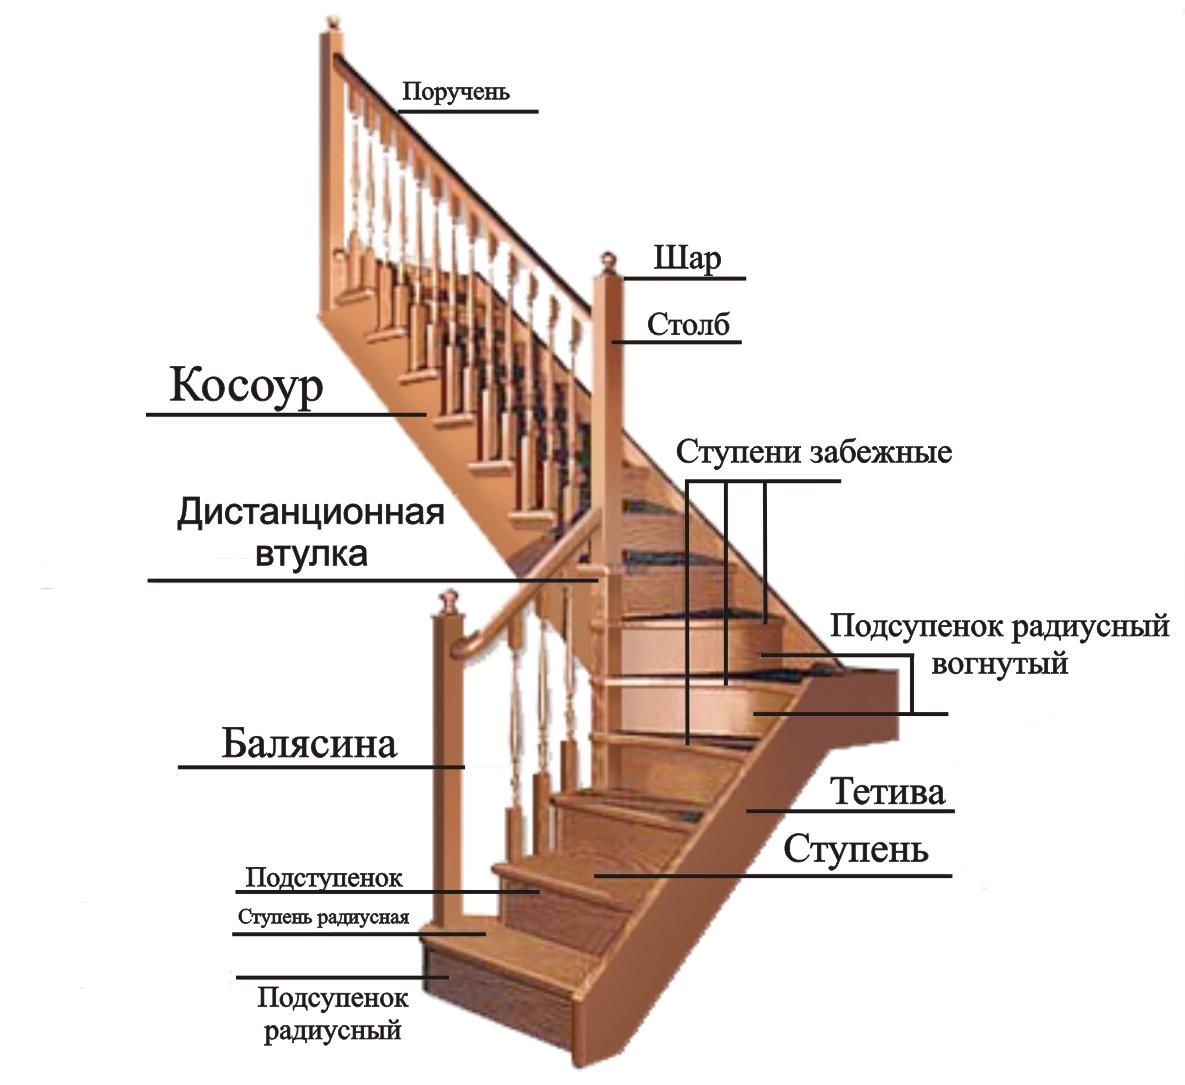 Деревянные лестницы своими руками: Особенности тетив, косоуров, маршей, ступеней и проступей. Расчёт и монтажные работы